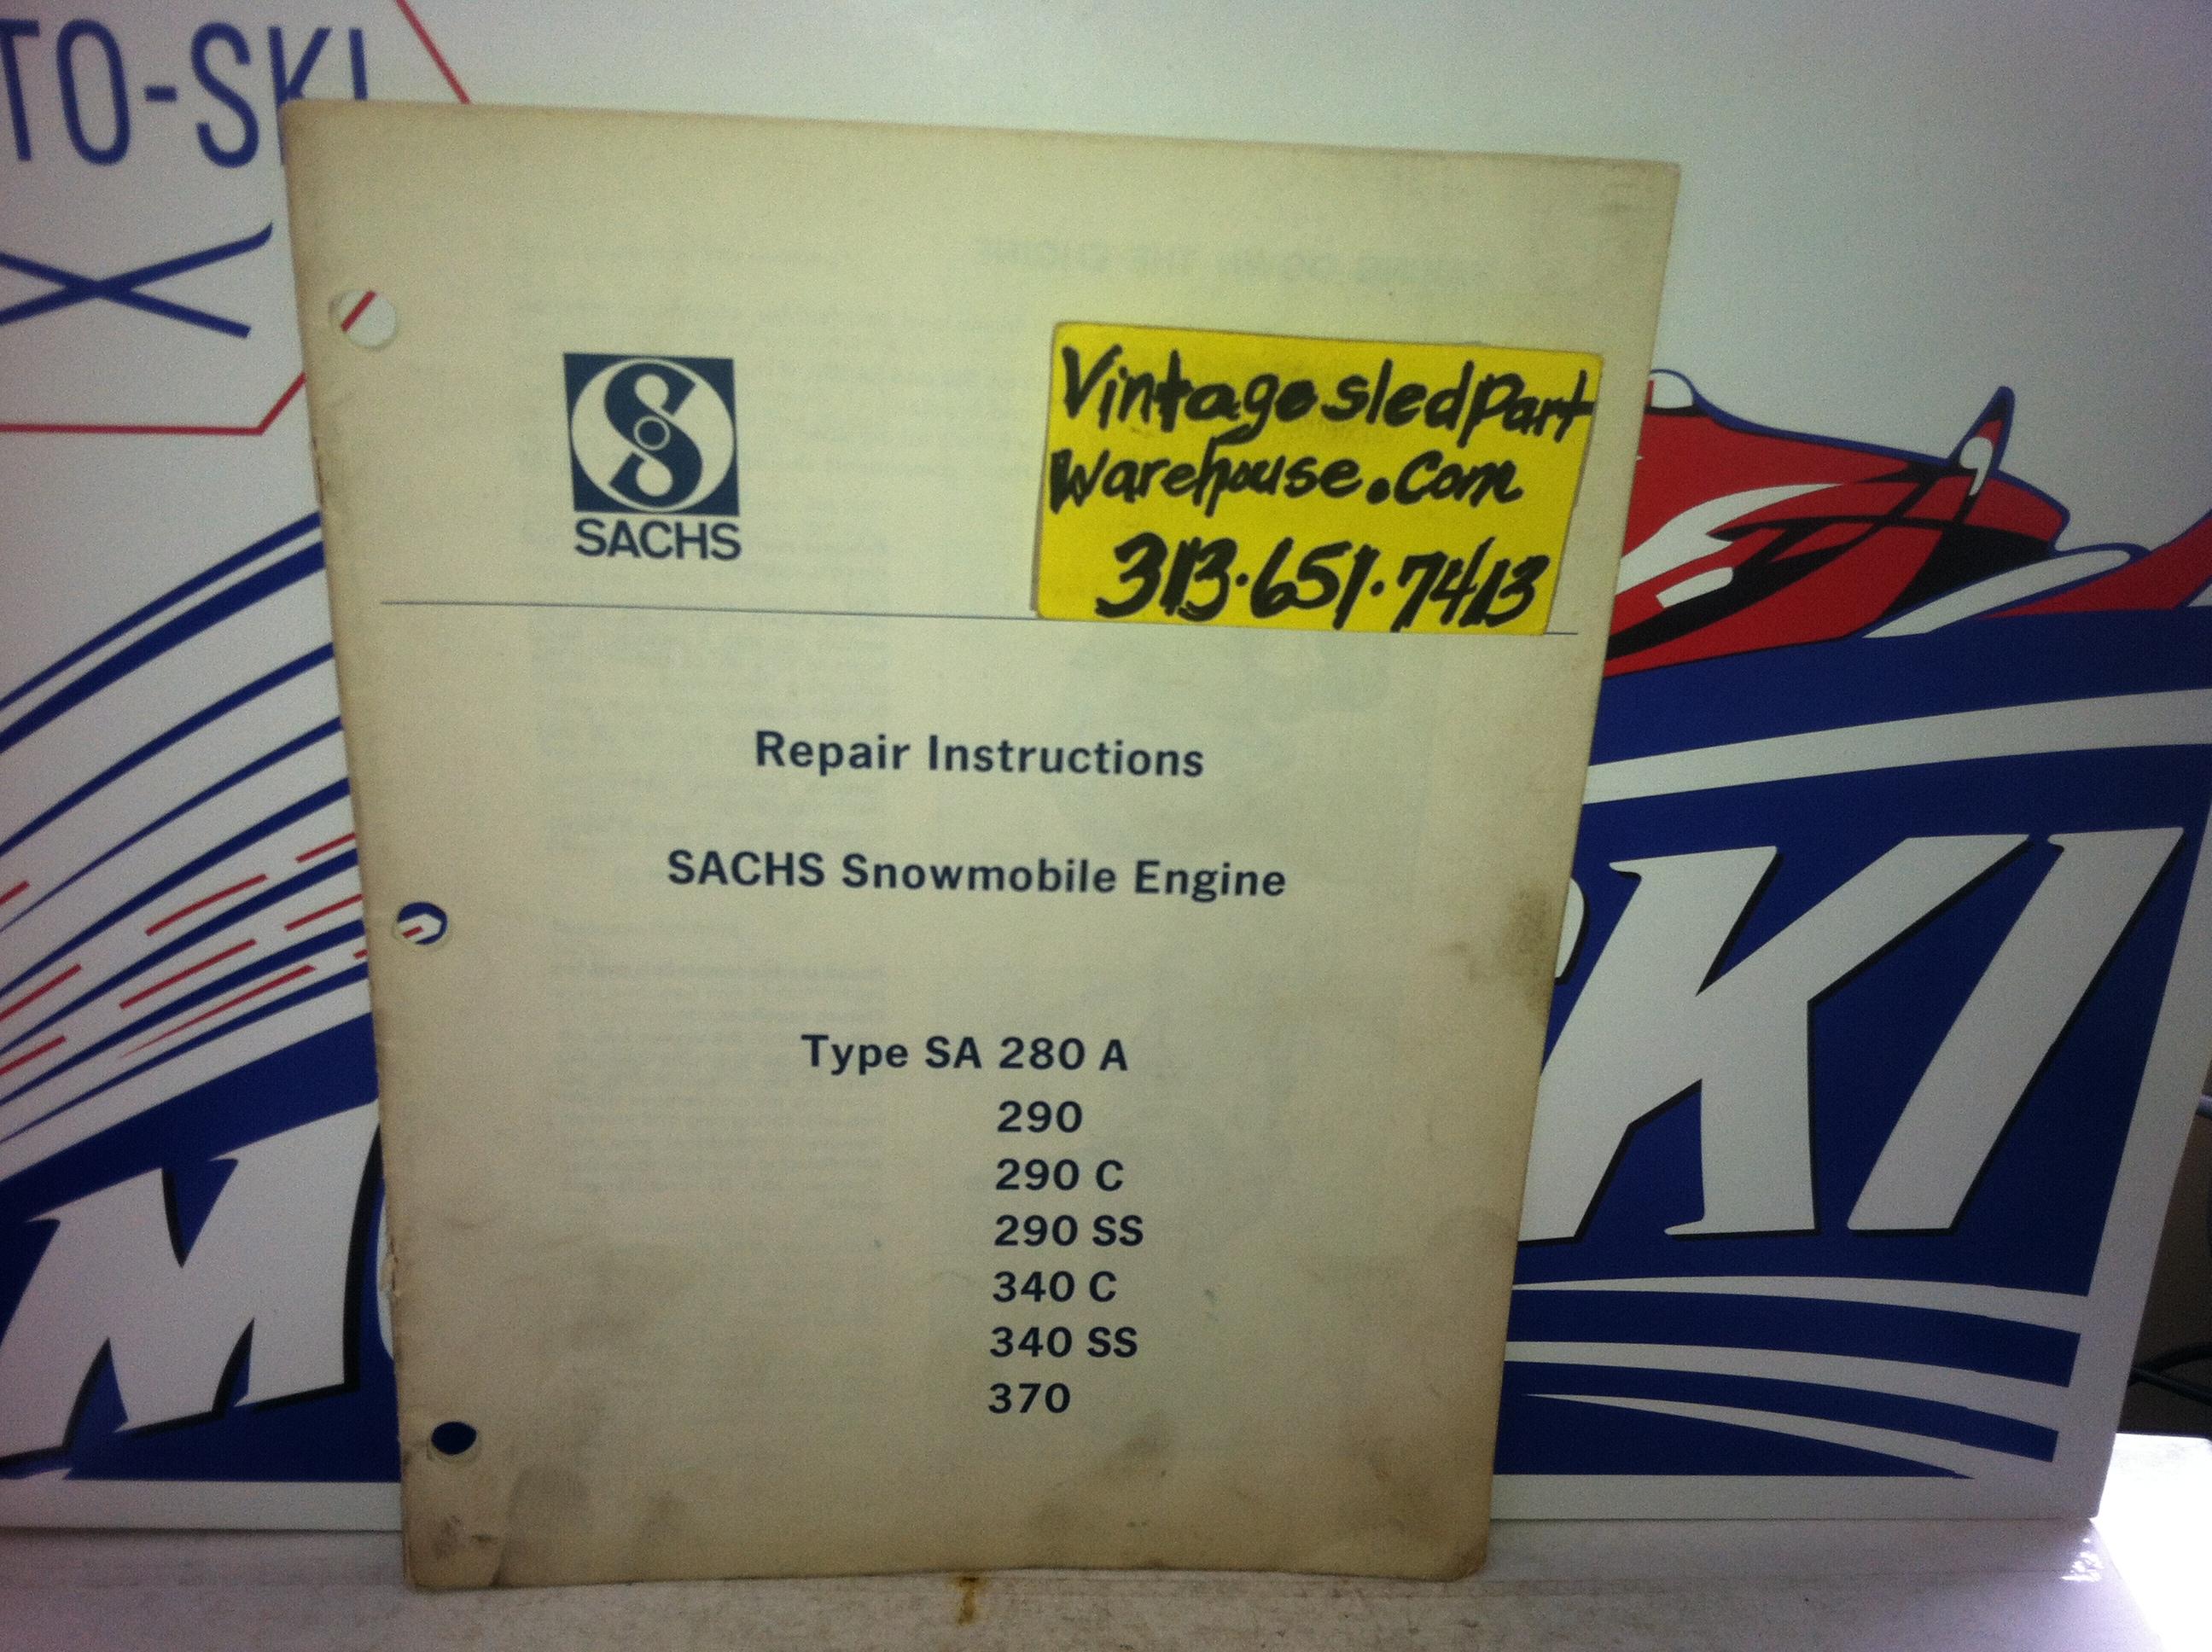 Sachs Sa 290 C Engine Repair Book Vintage Snowmobile 380 A Diagram Sa280a 290c 290ss 340c 340 Ss 370 Manual Sled